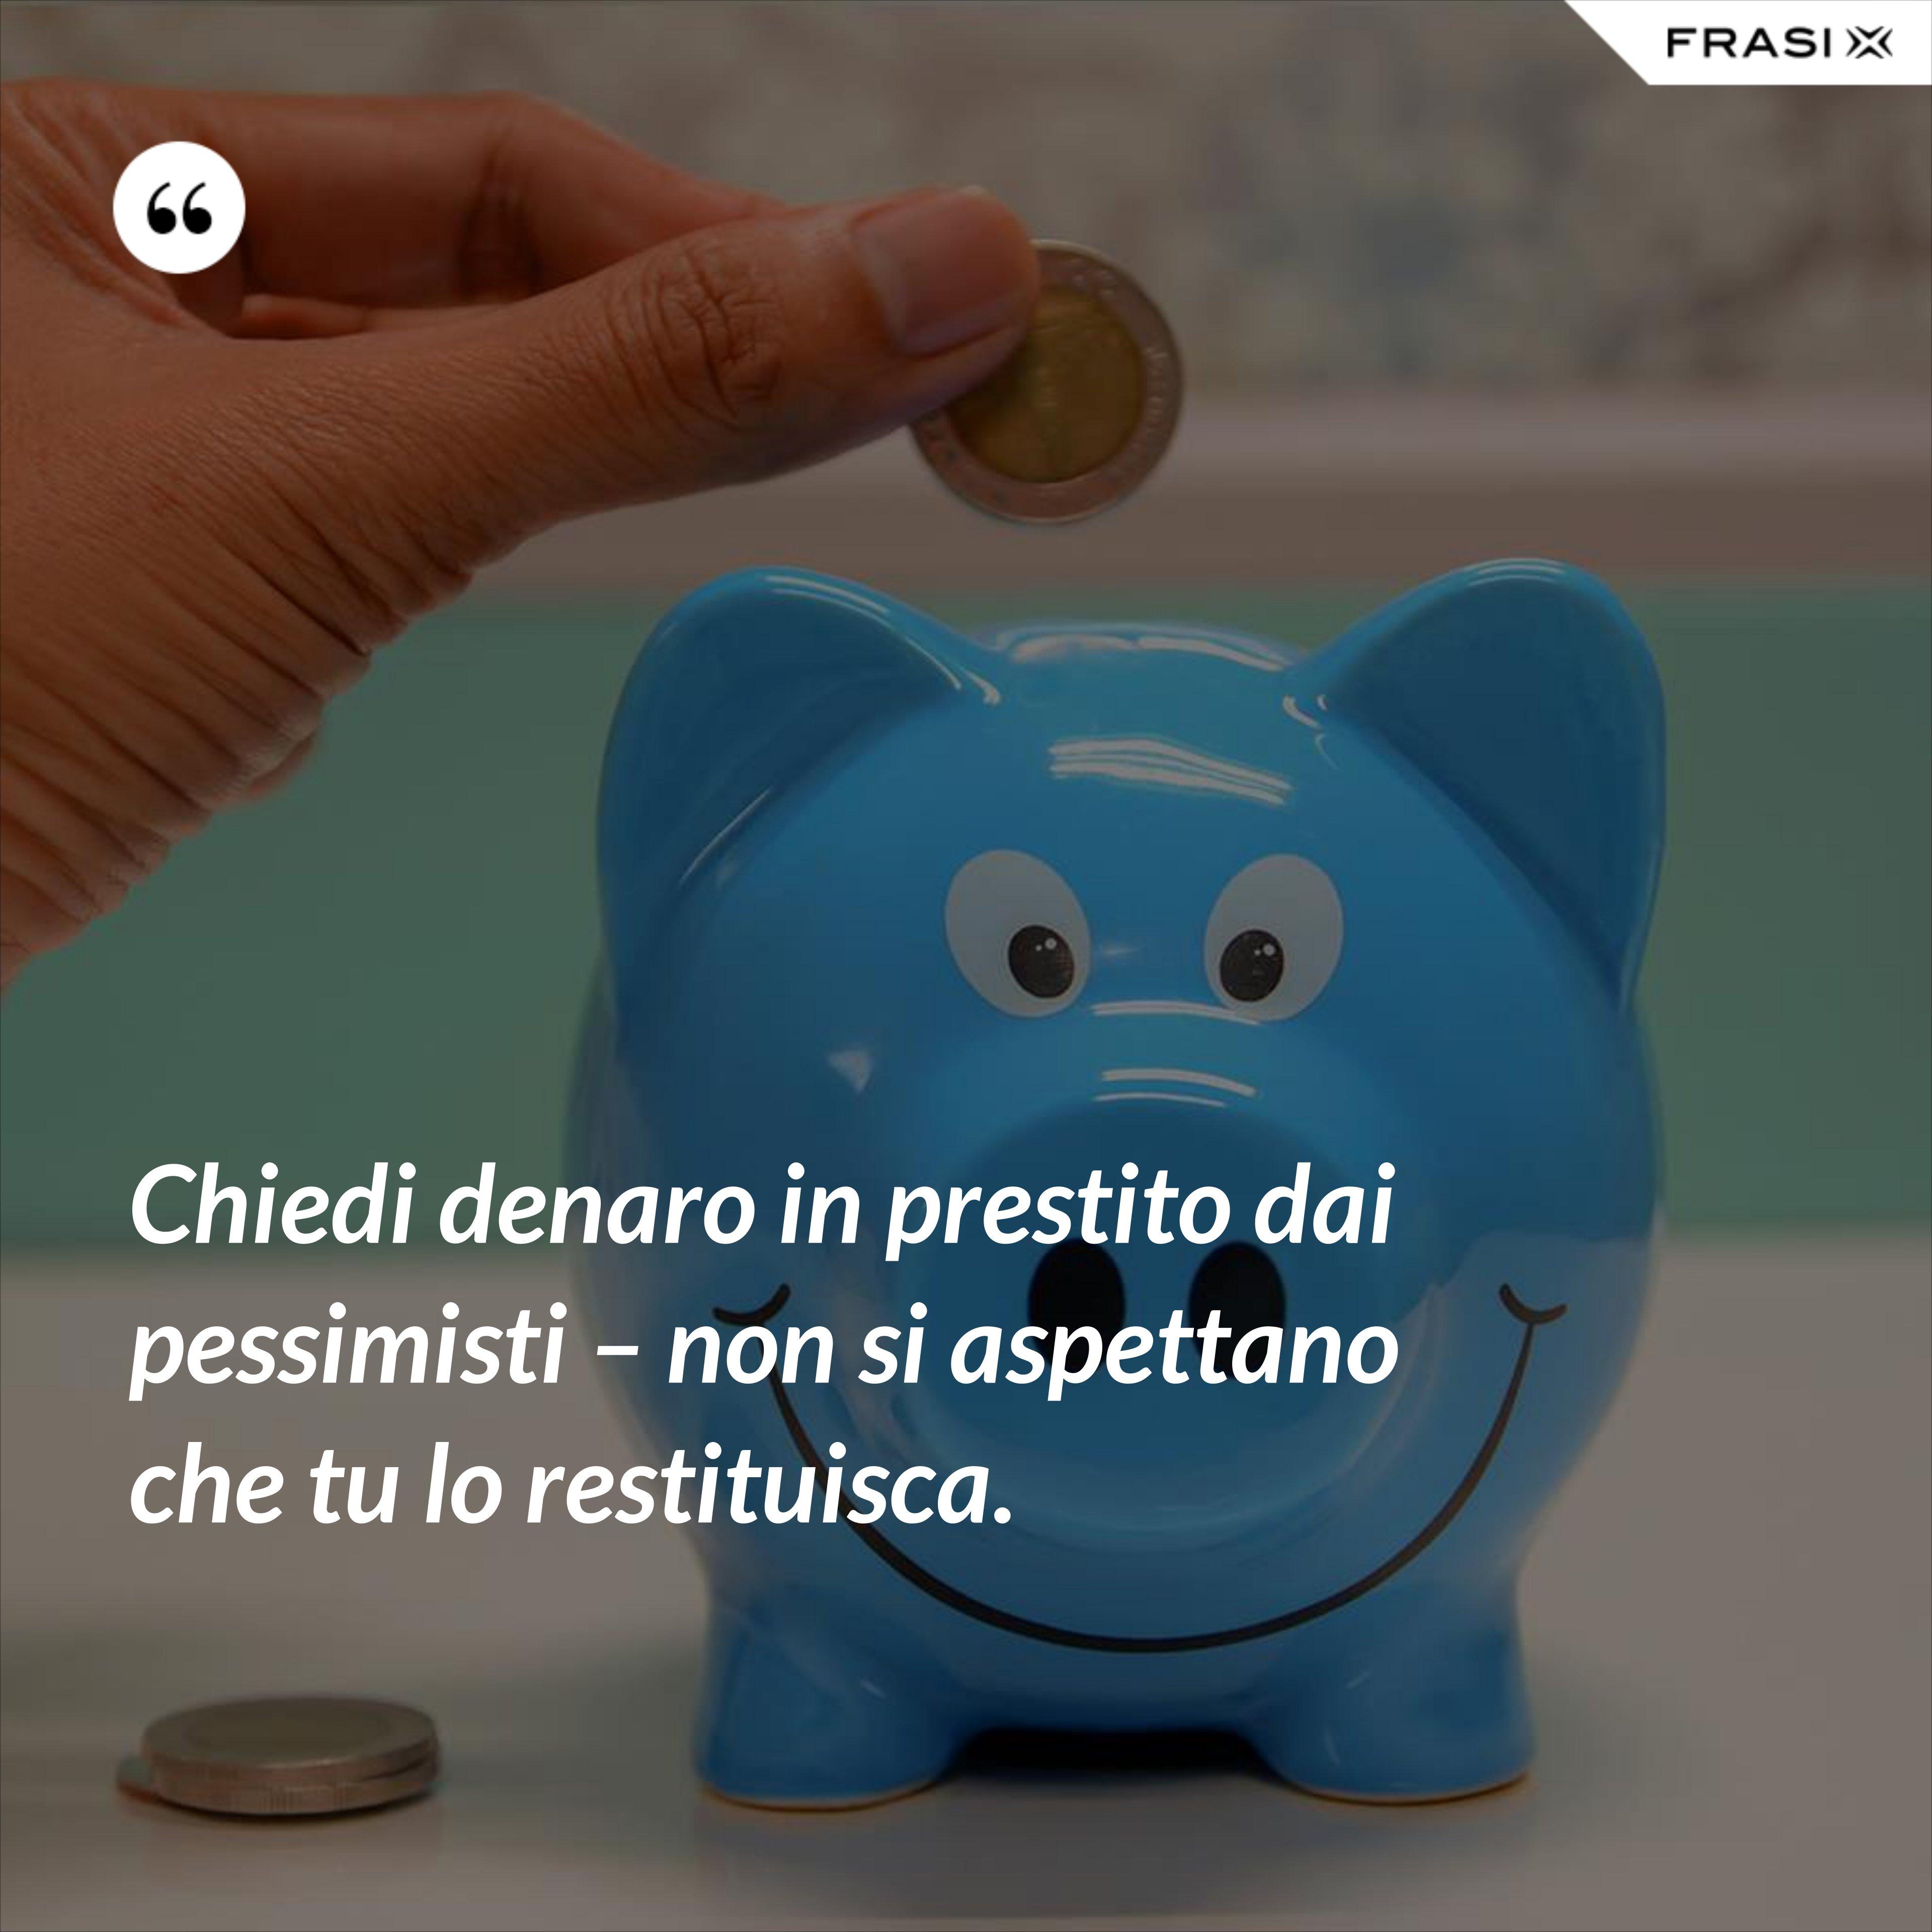 Chiedi denaro in prestito dai pessimisti – non si aspettano che tu lo restituisca. - Anonimo